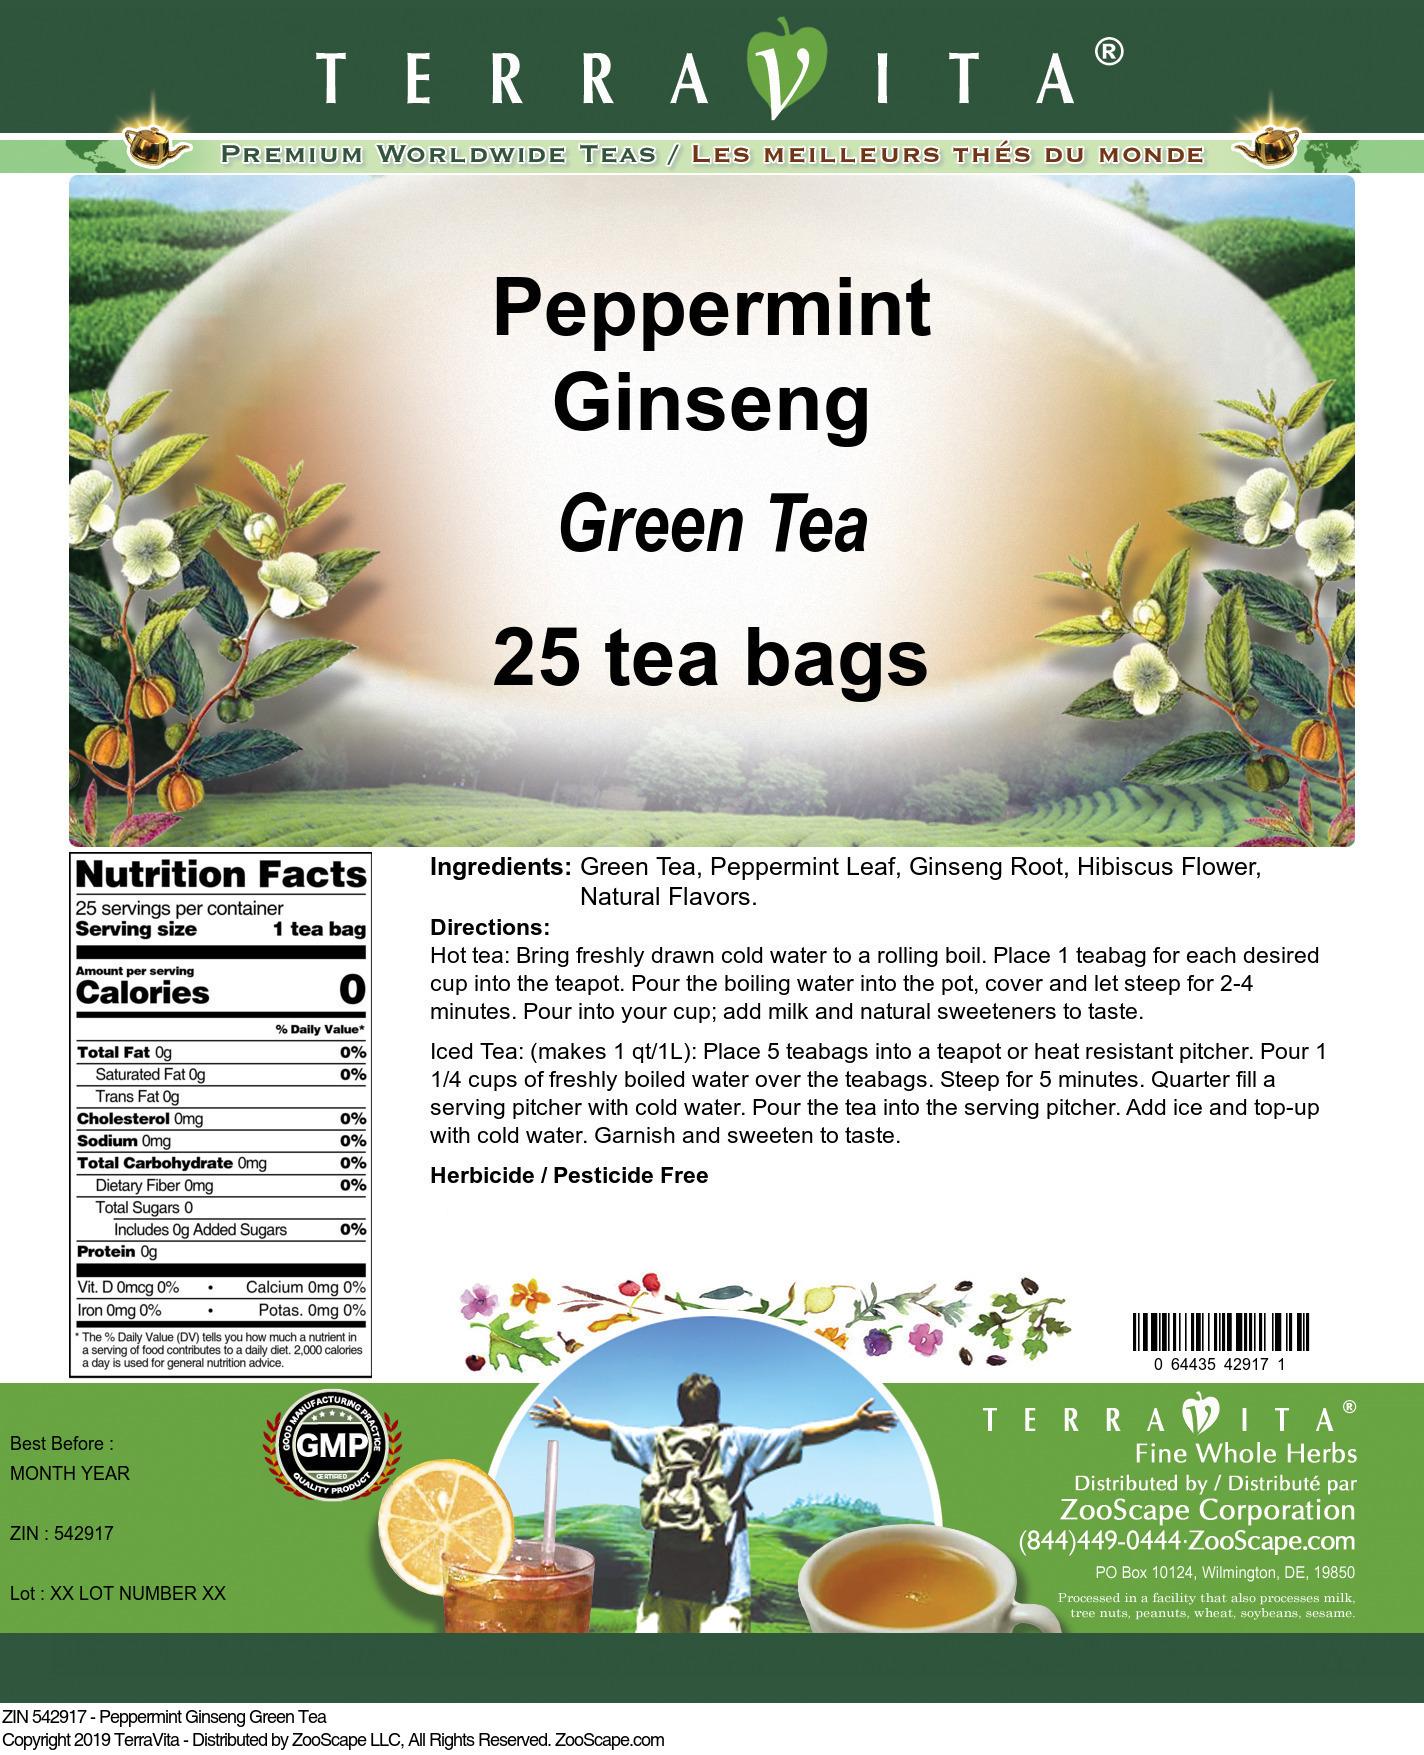 Peppermint Ginseng Green Tea